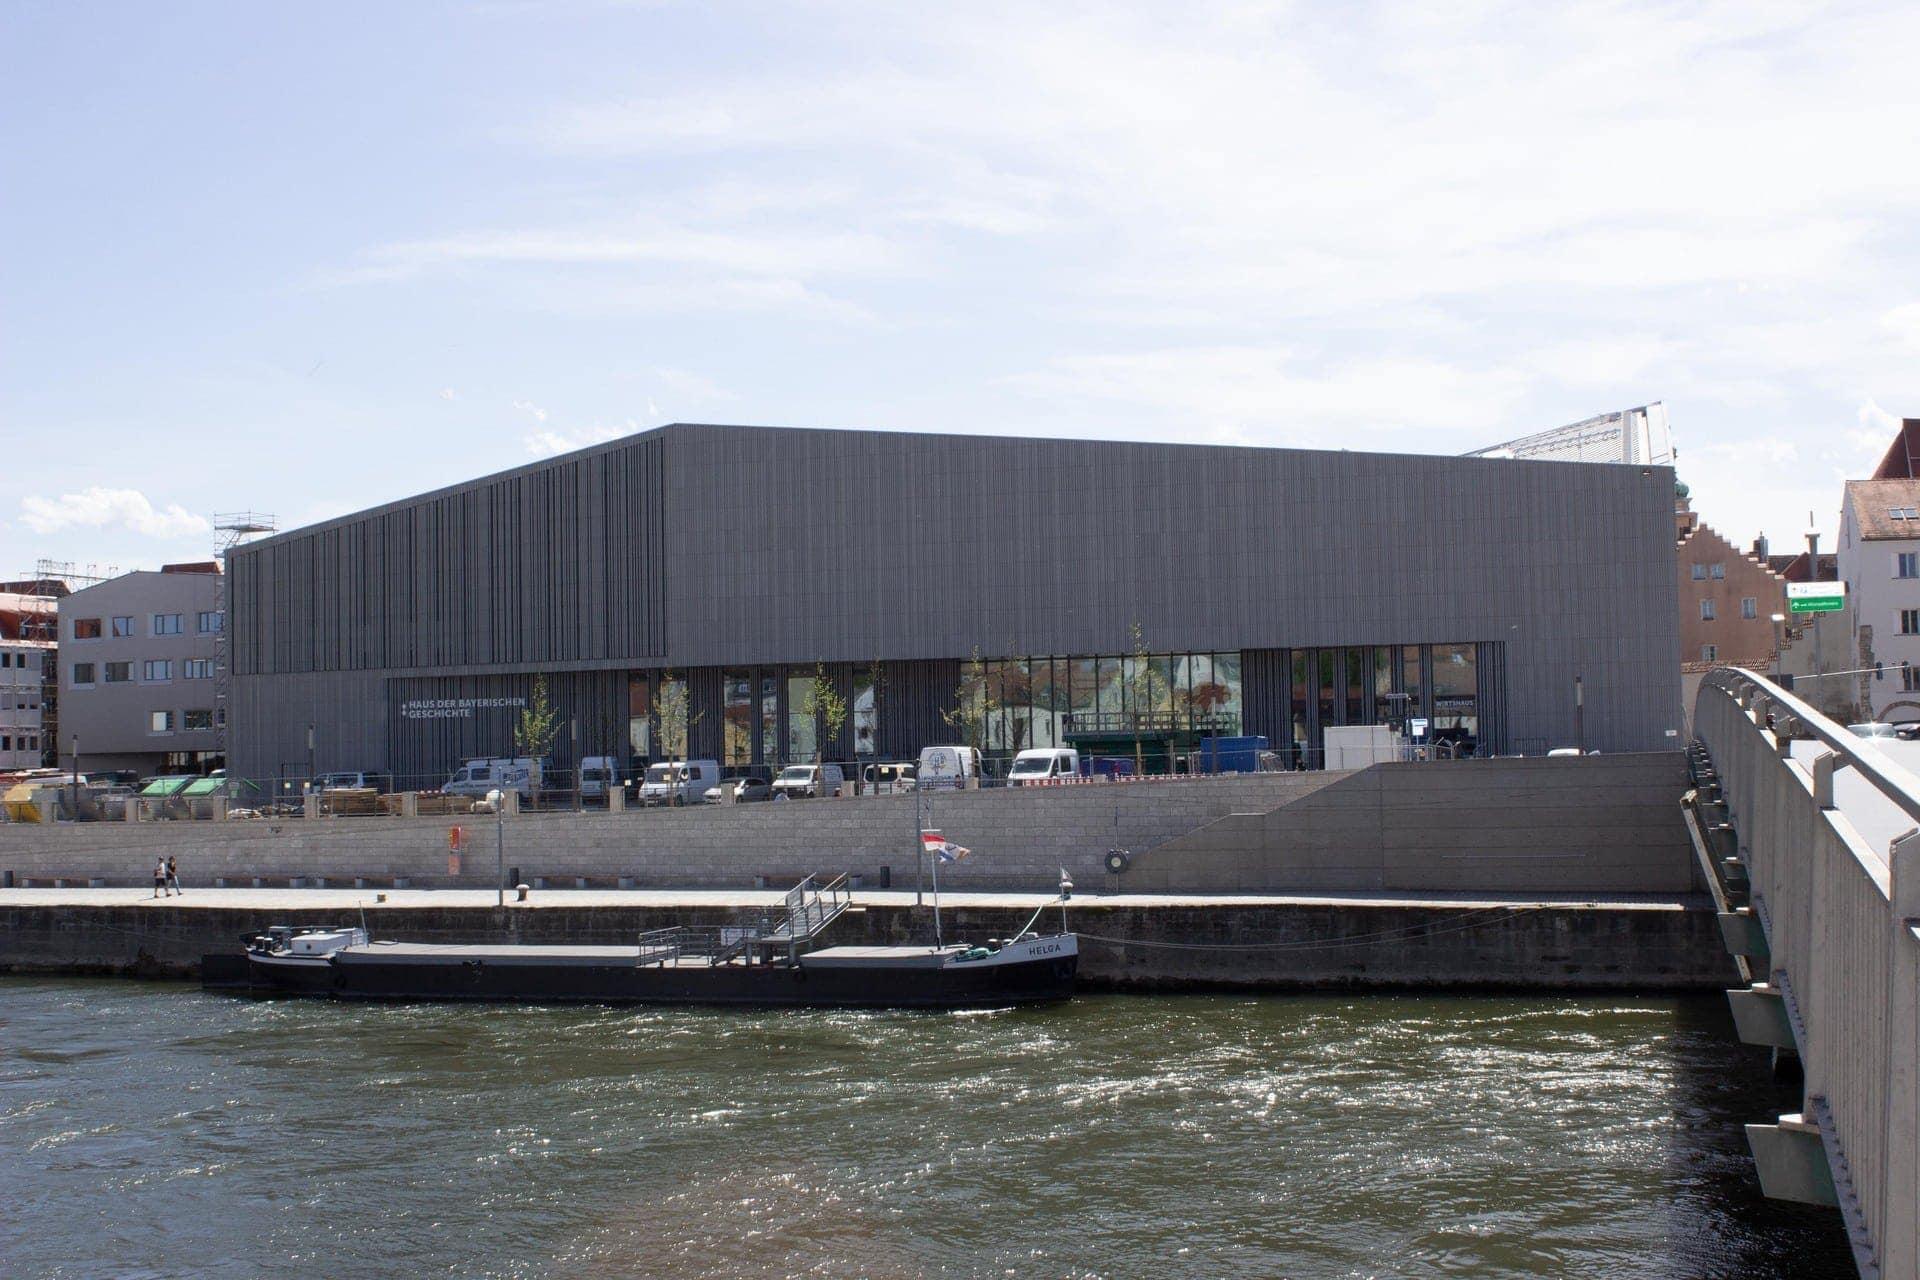 Eröffnung der Bavariathek in Regensburg Geschichte digital im neuen Museum am Donauufer